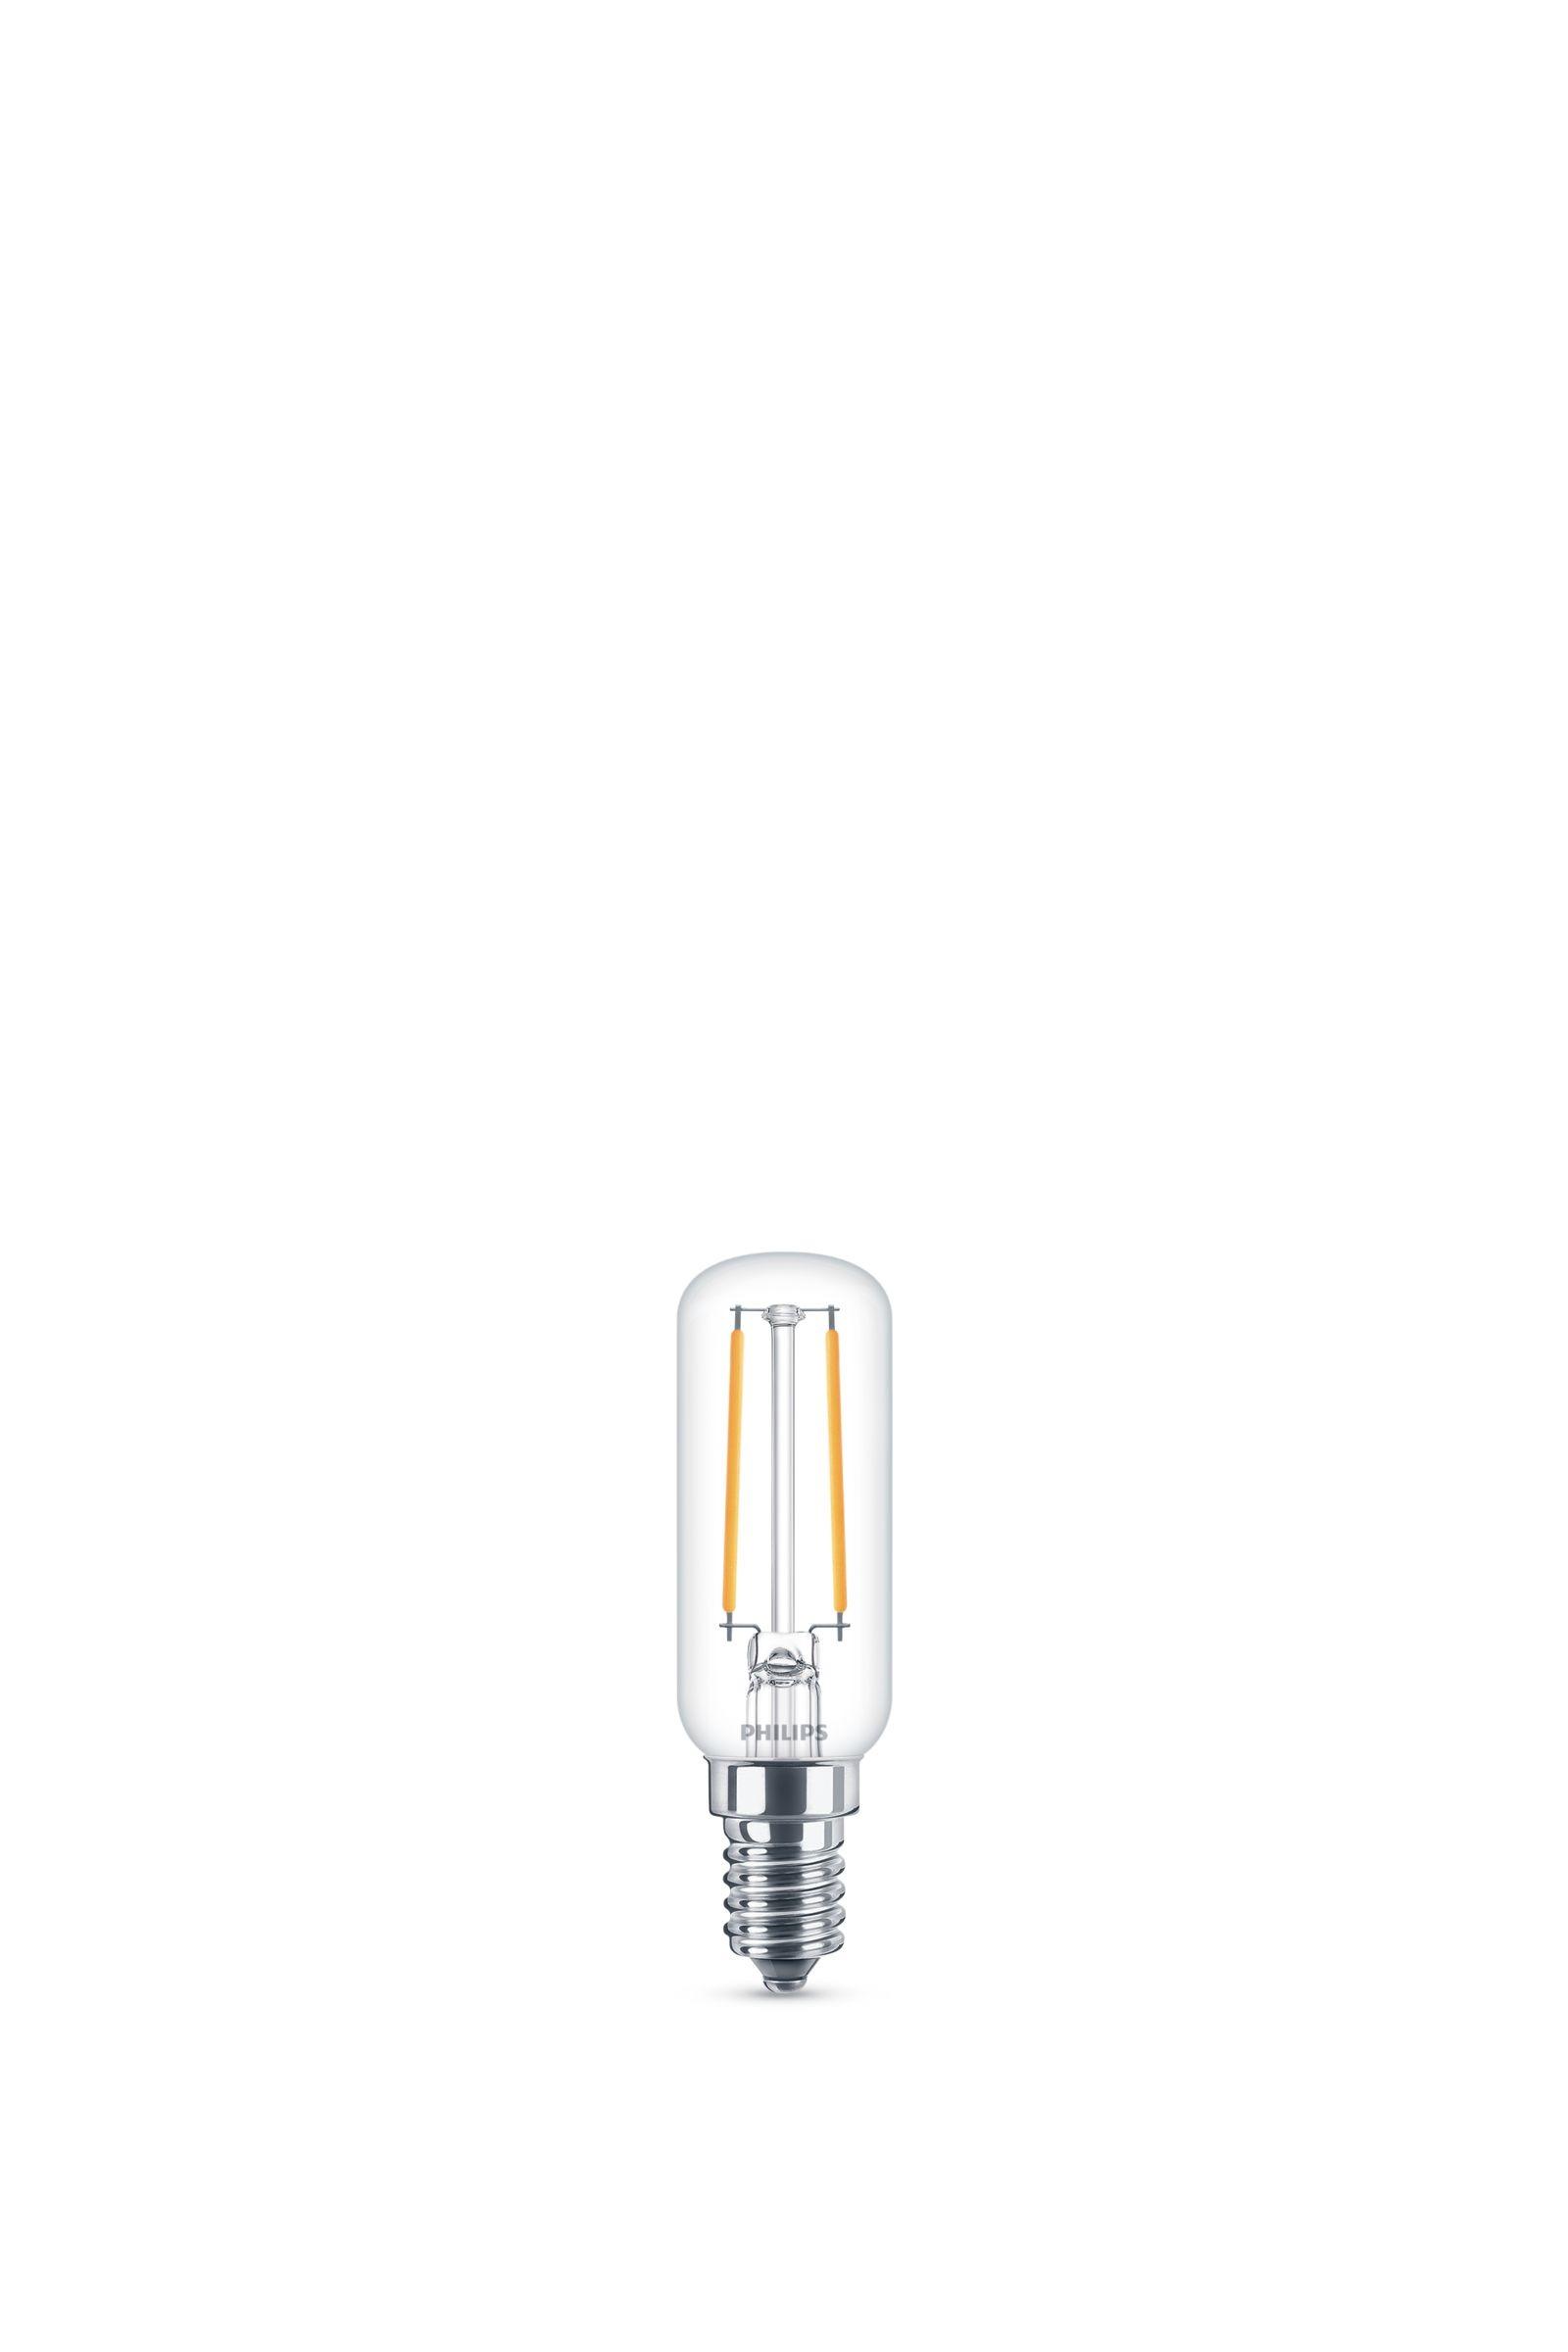 Philips afzuigkaplamp E14 2,1W 250Lm buis LED Afzuigkap accessoire